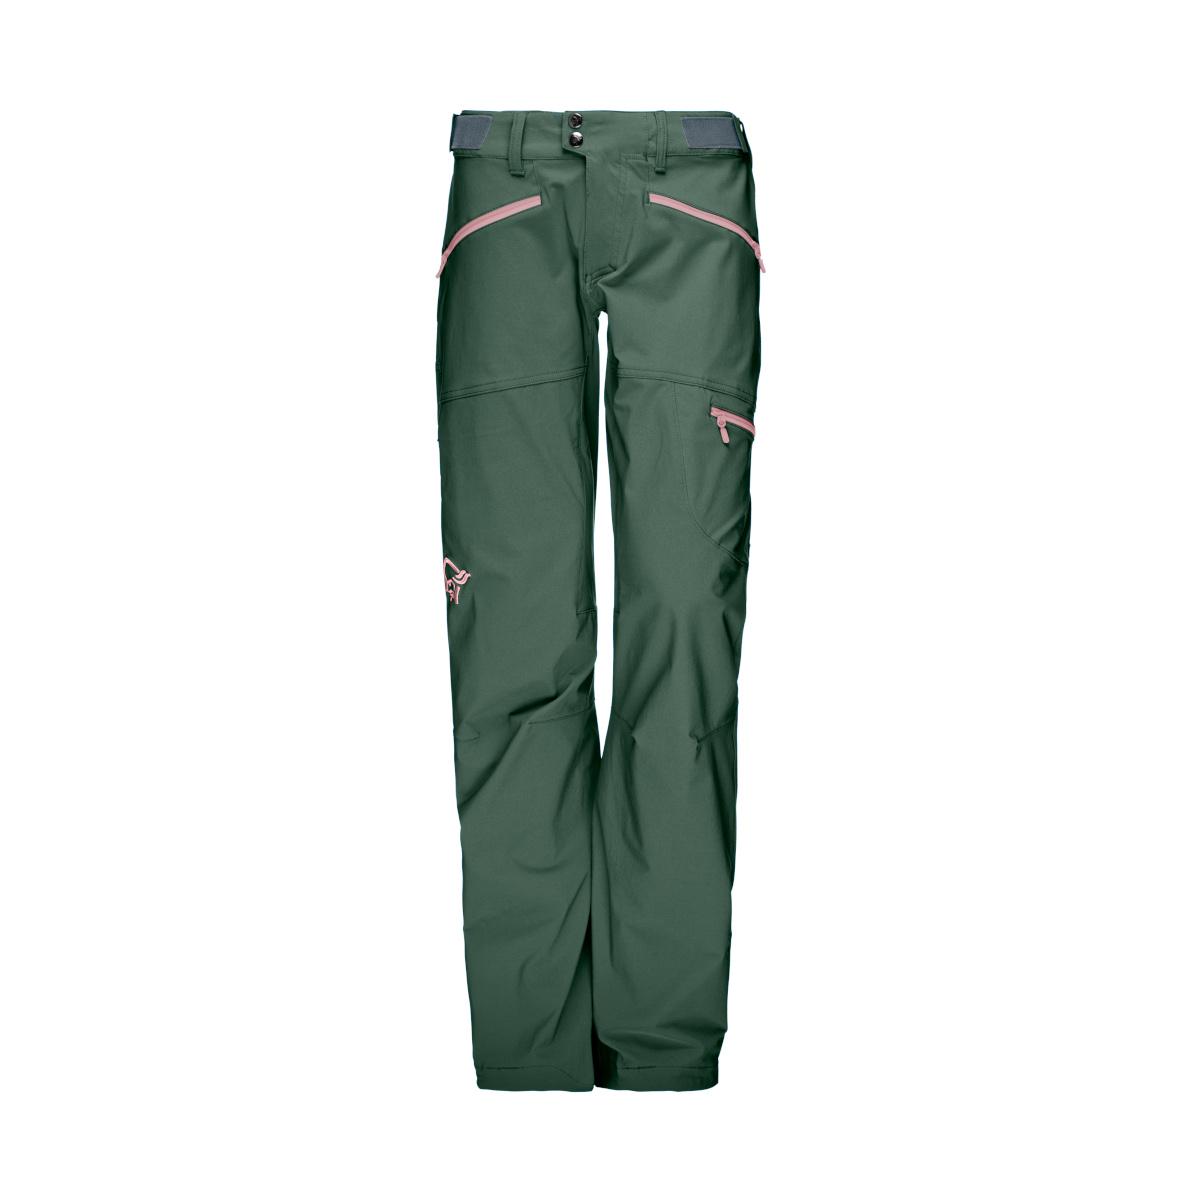 6e966c247bafc3 Norrøna Falketind flex1 Pants Women   Technical Trousers   EpicTV Shop